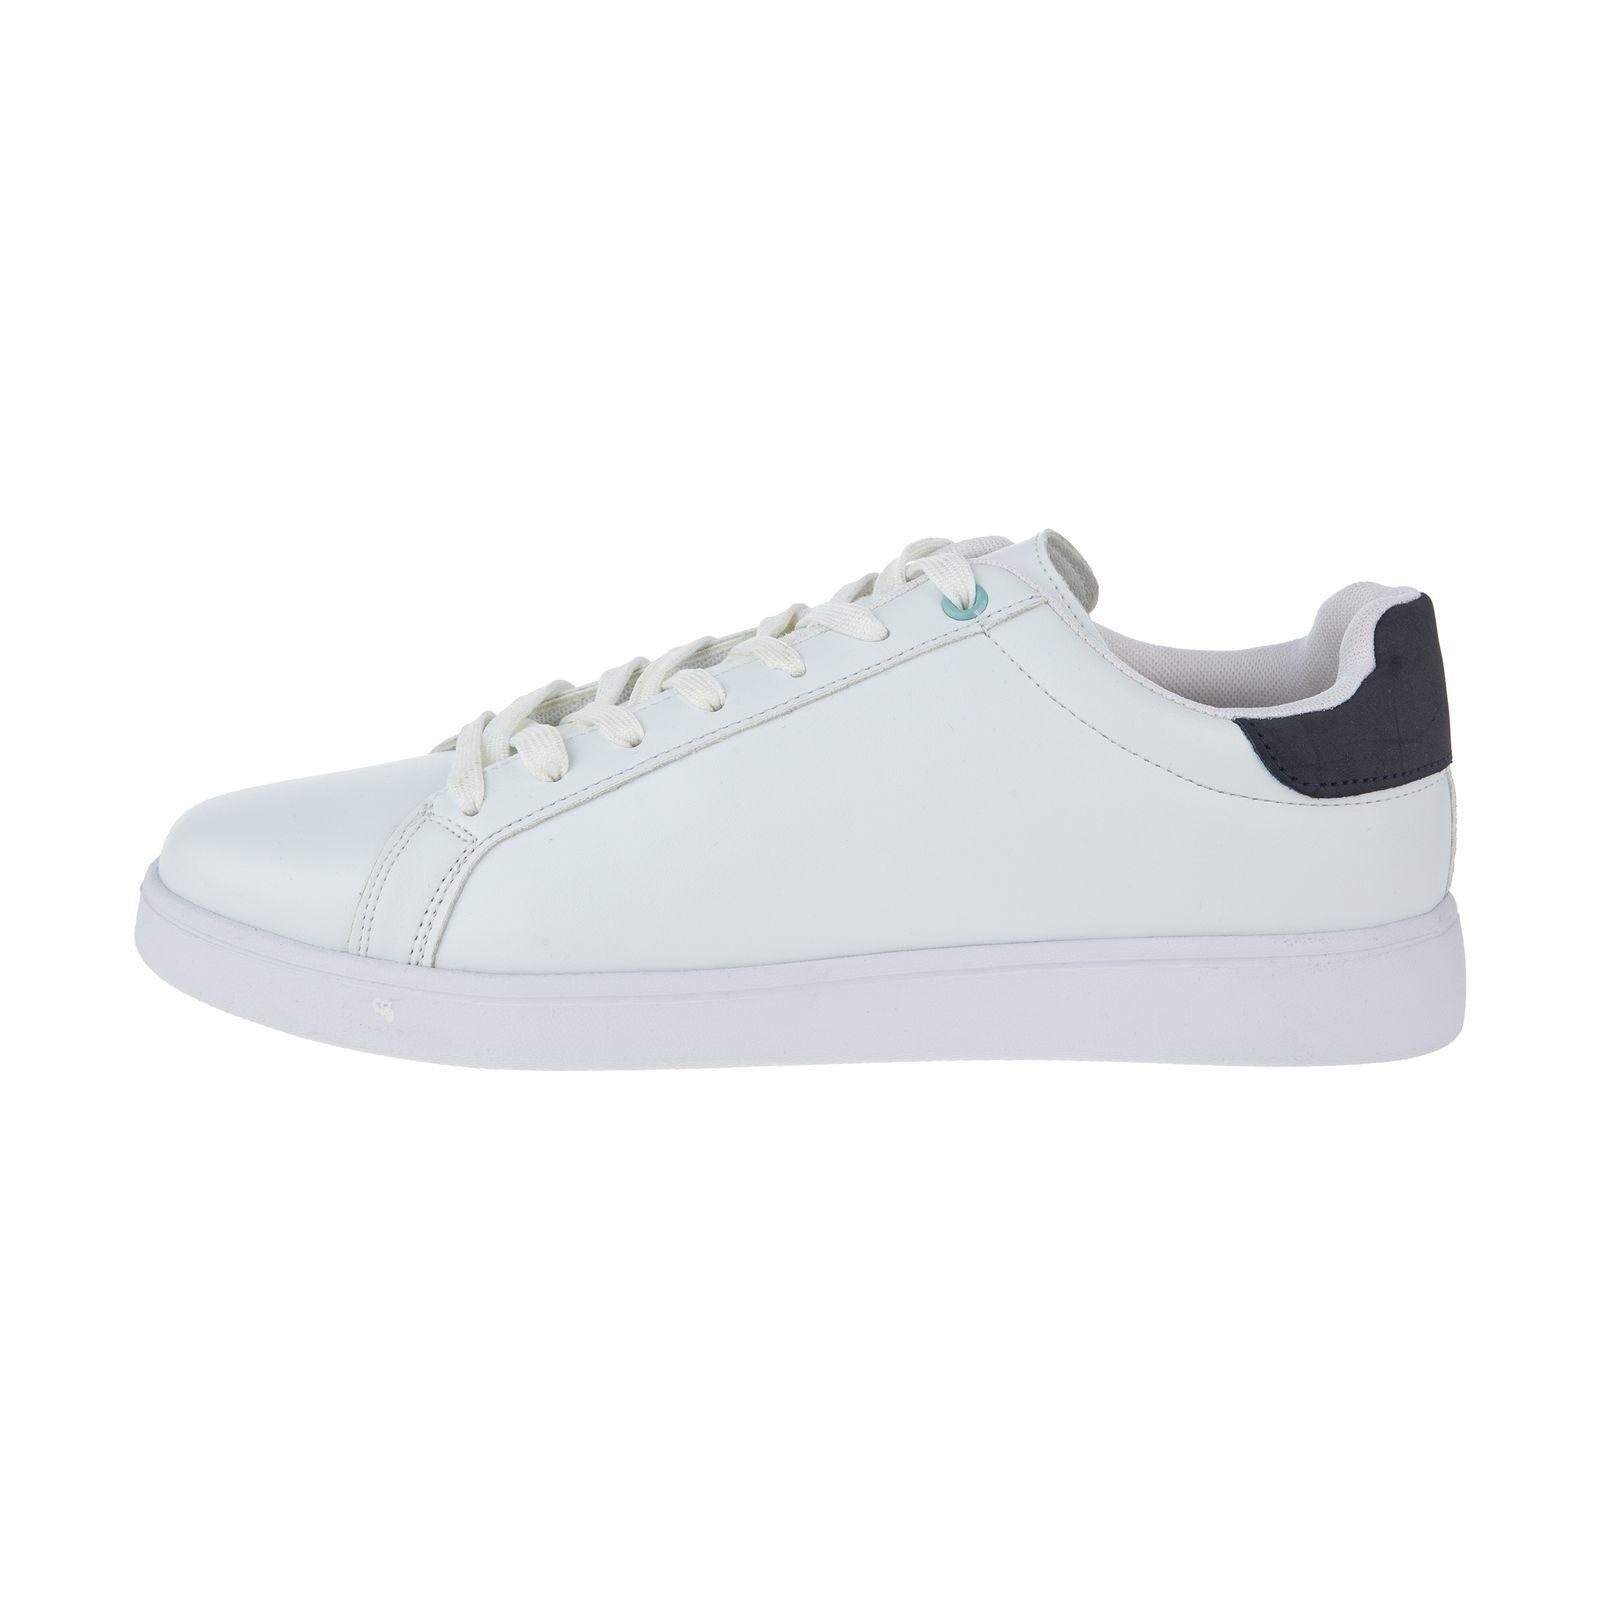 کفش راحتی مردانه آر ان اس مدل 142001-01 -  - 2